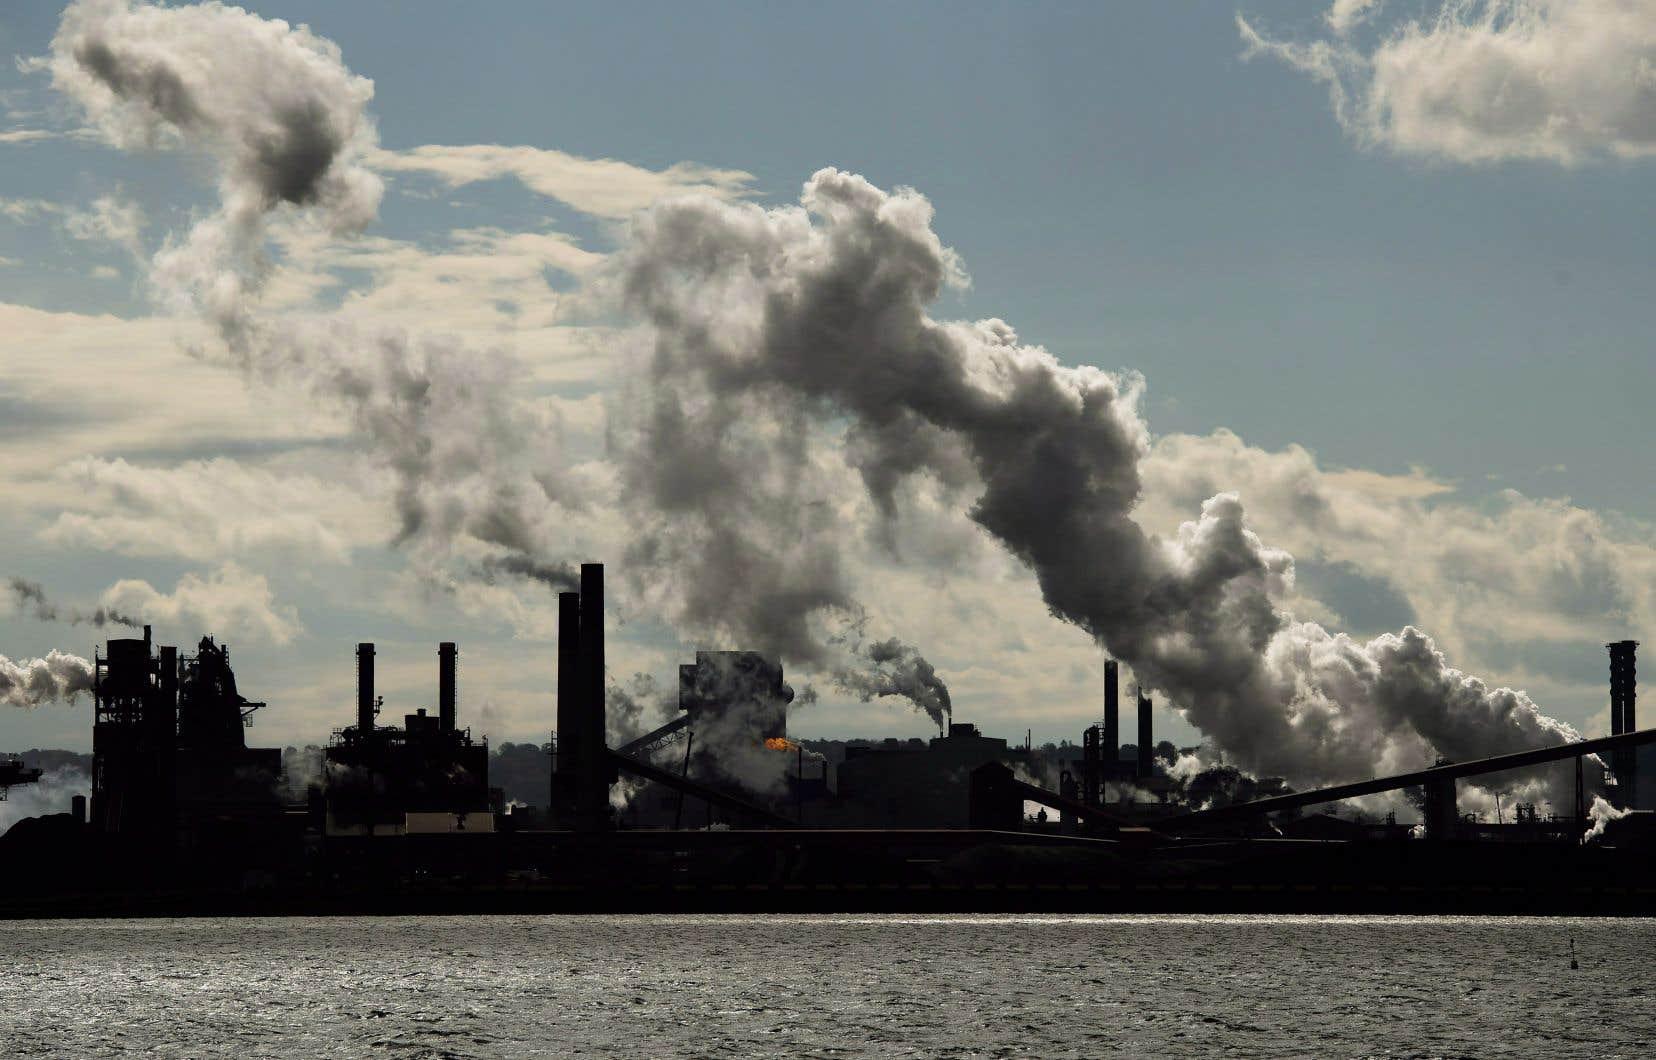 Le prix carbone du fédéral est actuellement de 40$ la tonne et doit augmenter graduellement jusqu'à 170$ la tonne en 2030.